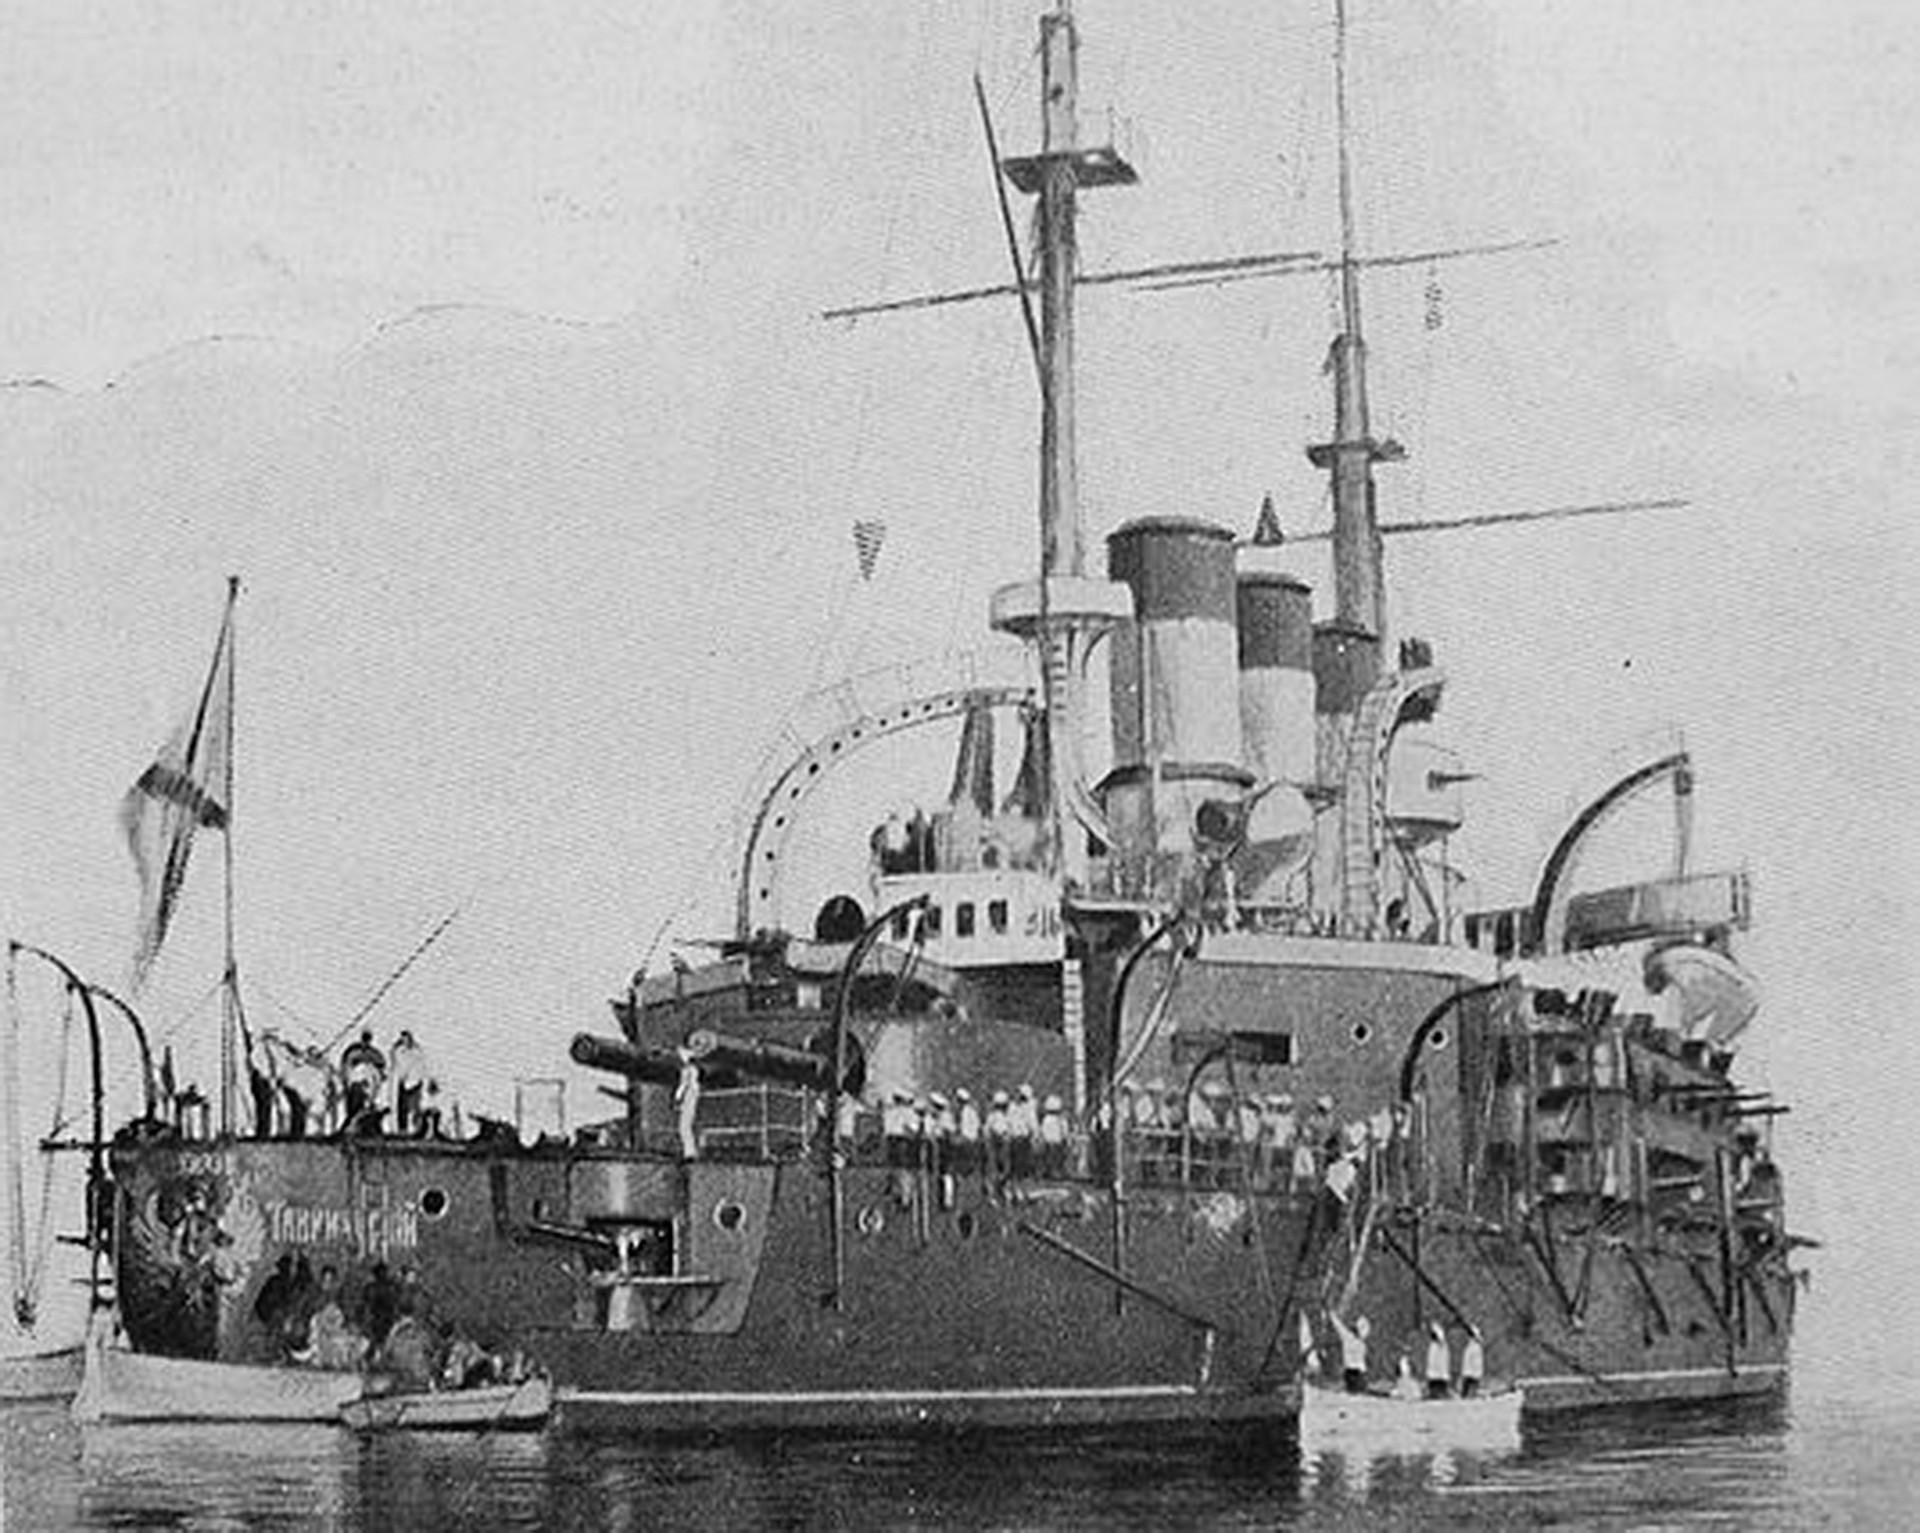 Potemkin atracado no porto de Constança, em julho de 1905